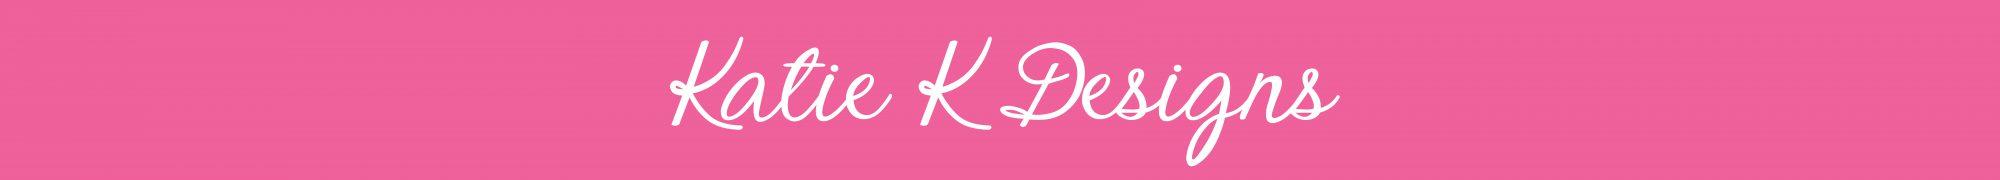 Katie K Designs